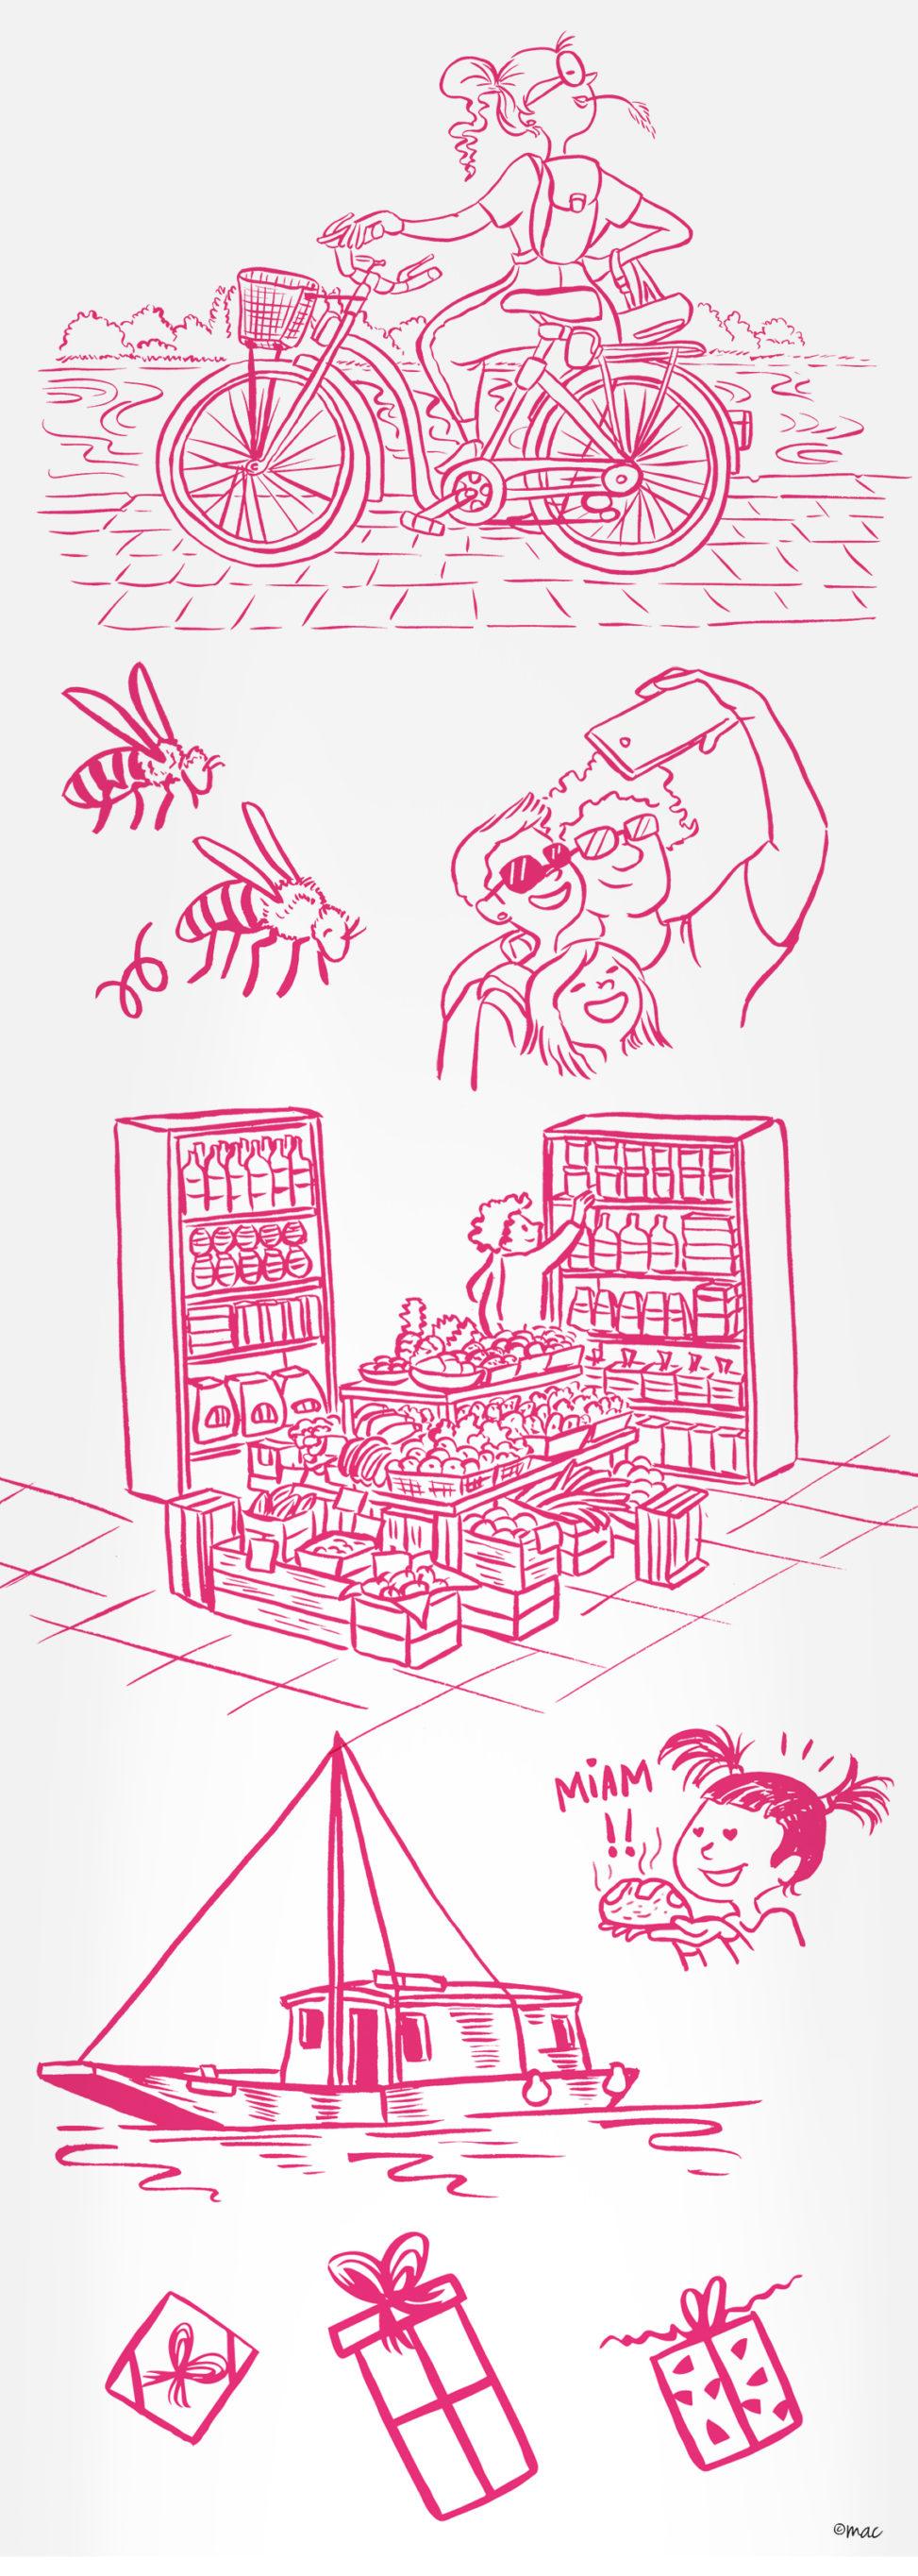 Illustration traits crayon pinceau dessin rose détails personnages nature décor objets monuments animaux tourisme territoire Les Mauges ôsezMauges illustrateur Angers